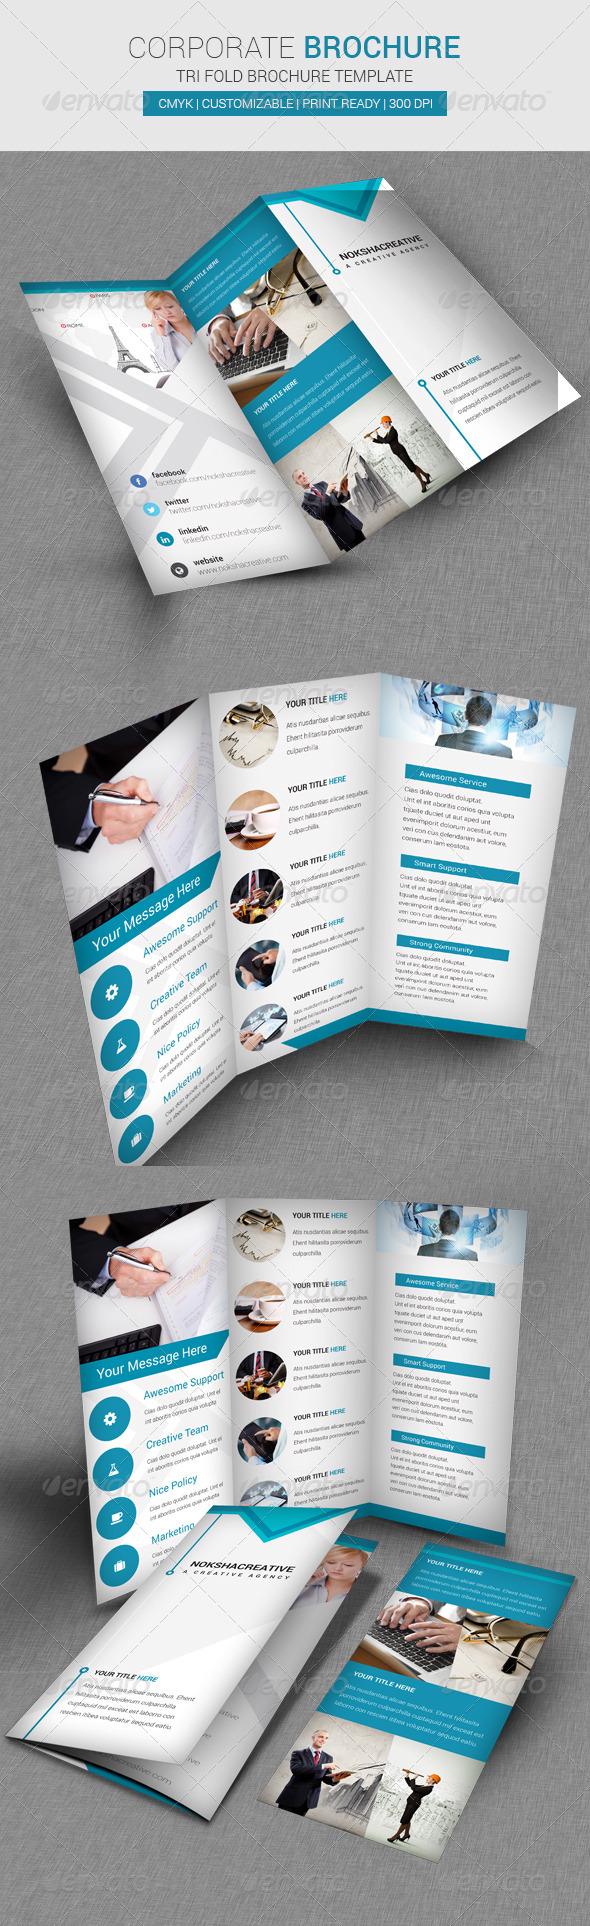 Corporate Tri Fold Brochure Template - Corporate Brochures